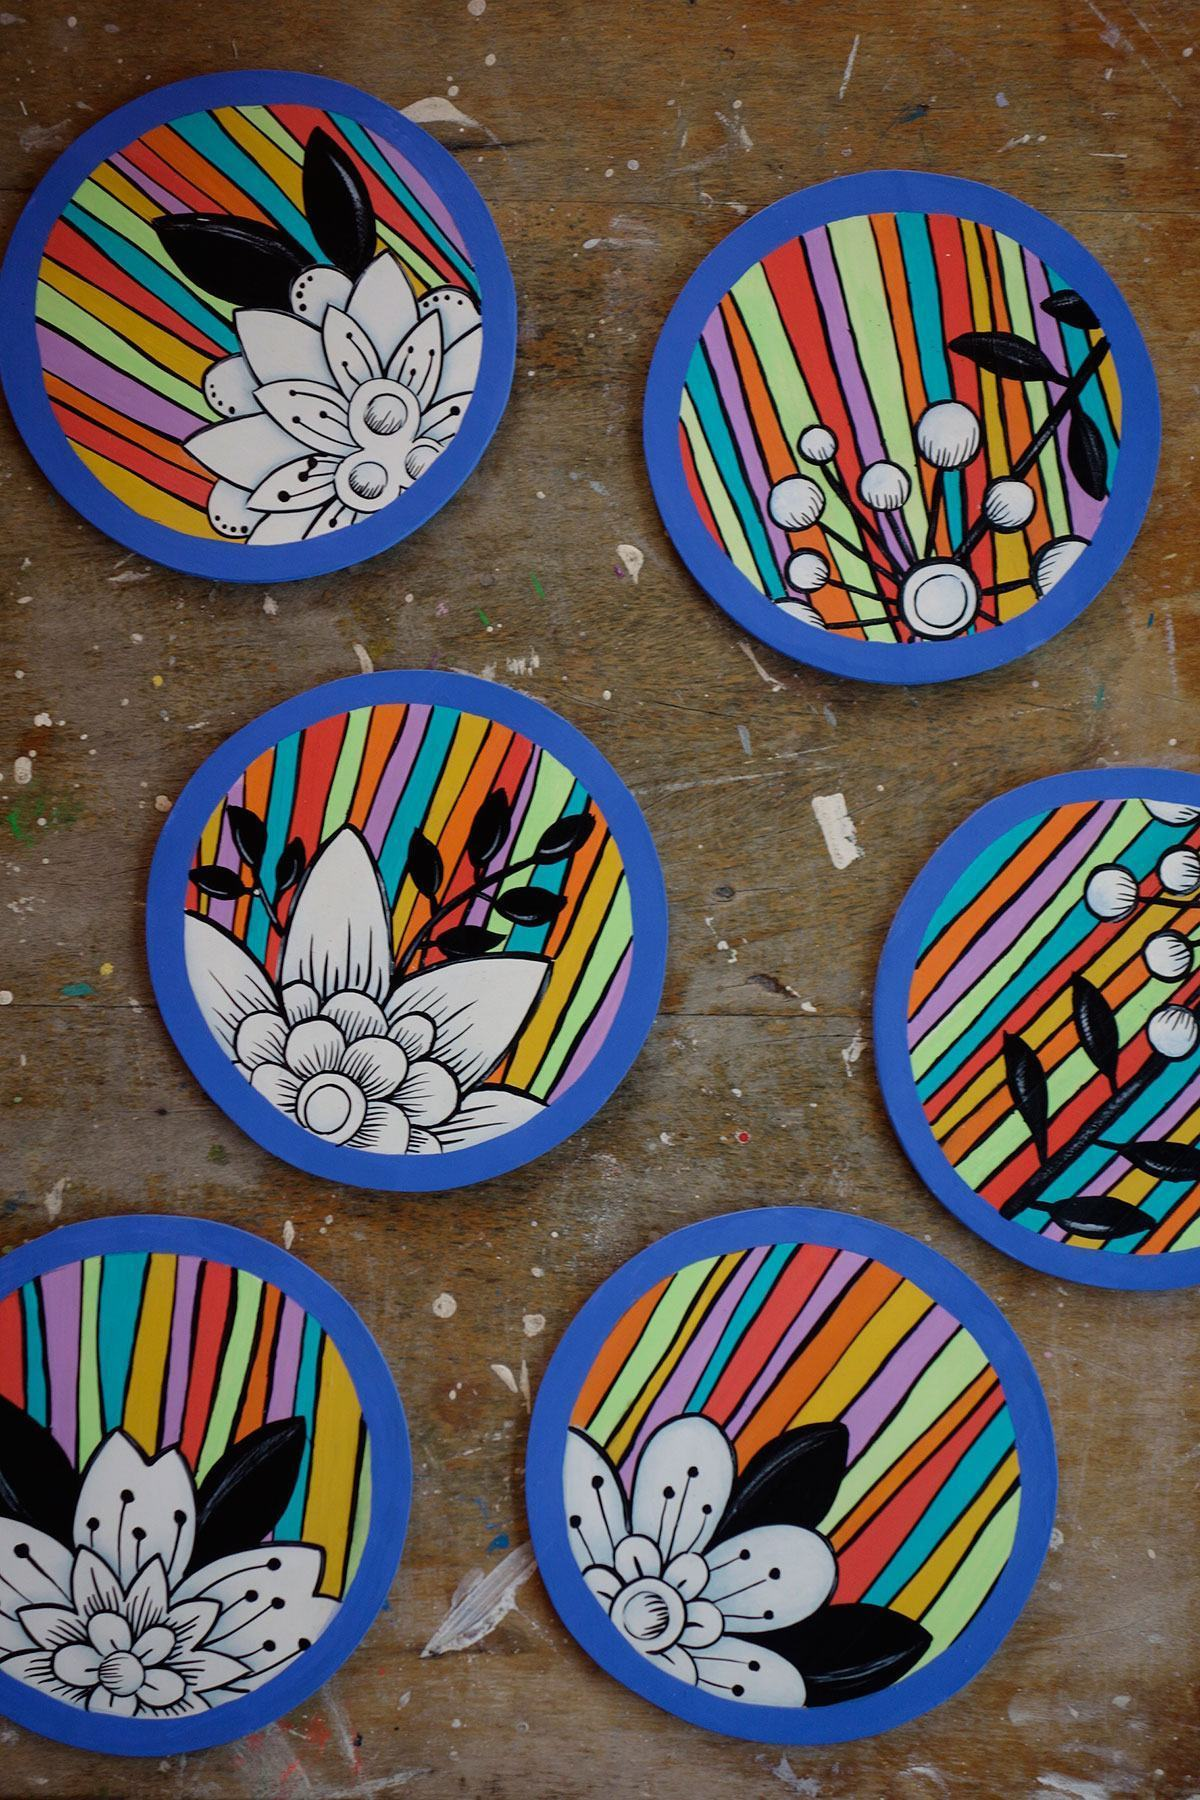 Porta copos redondos de MDF com desenho colorido de flores